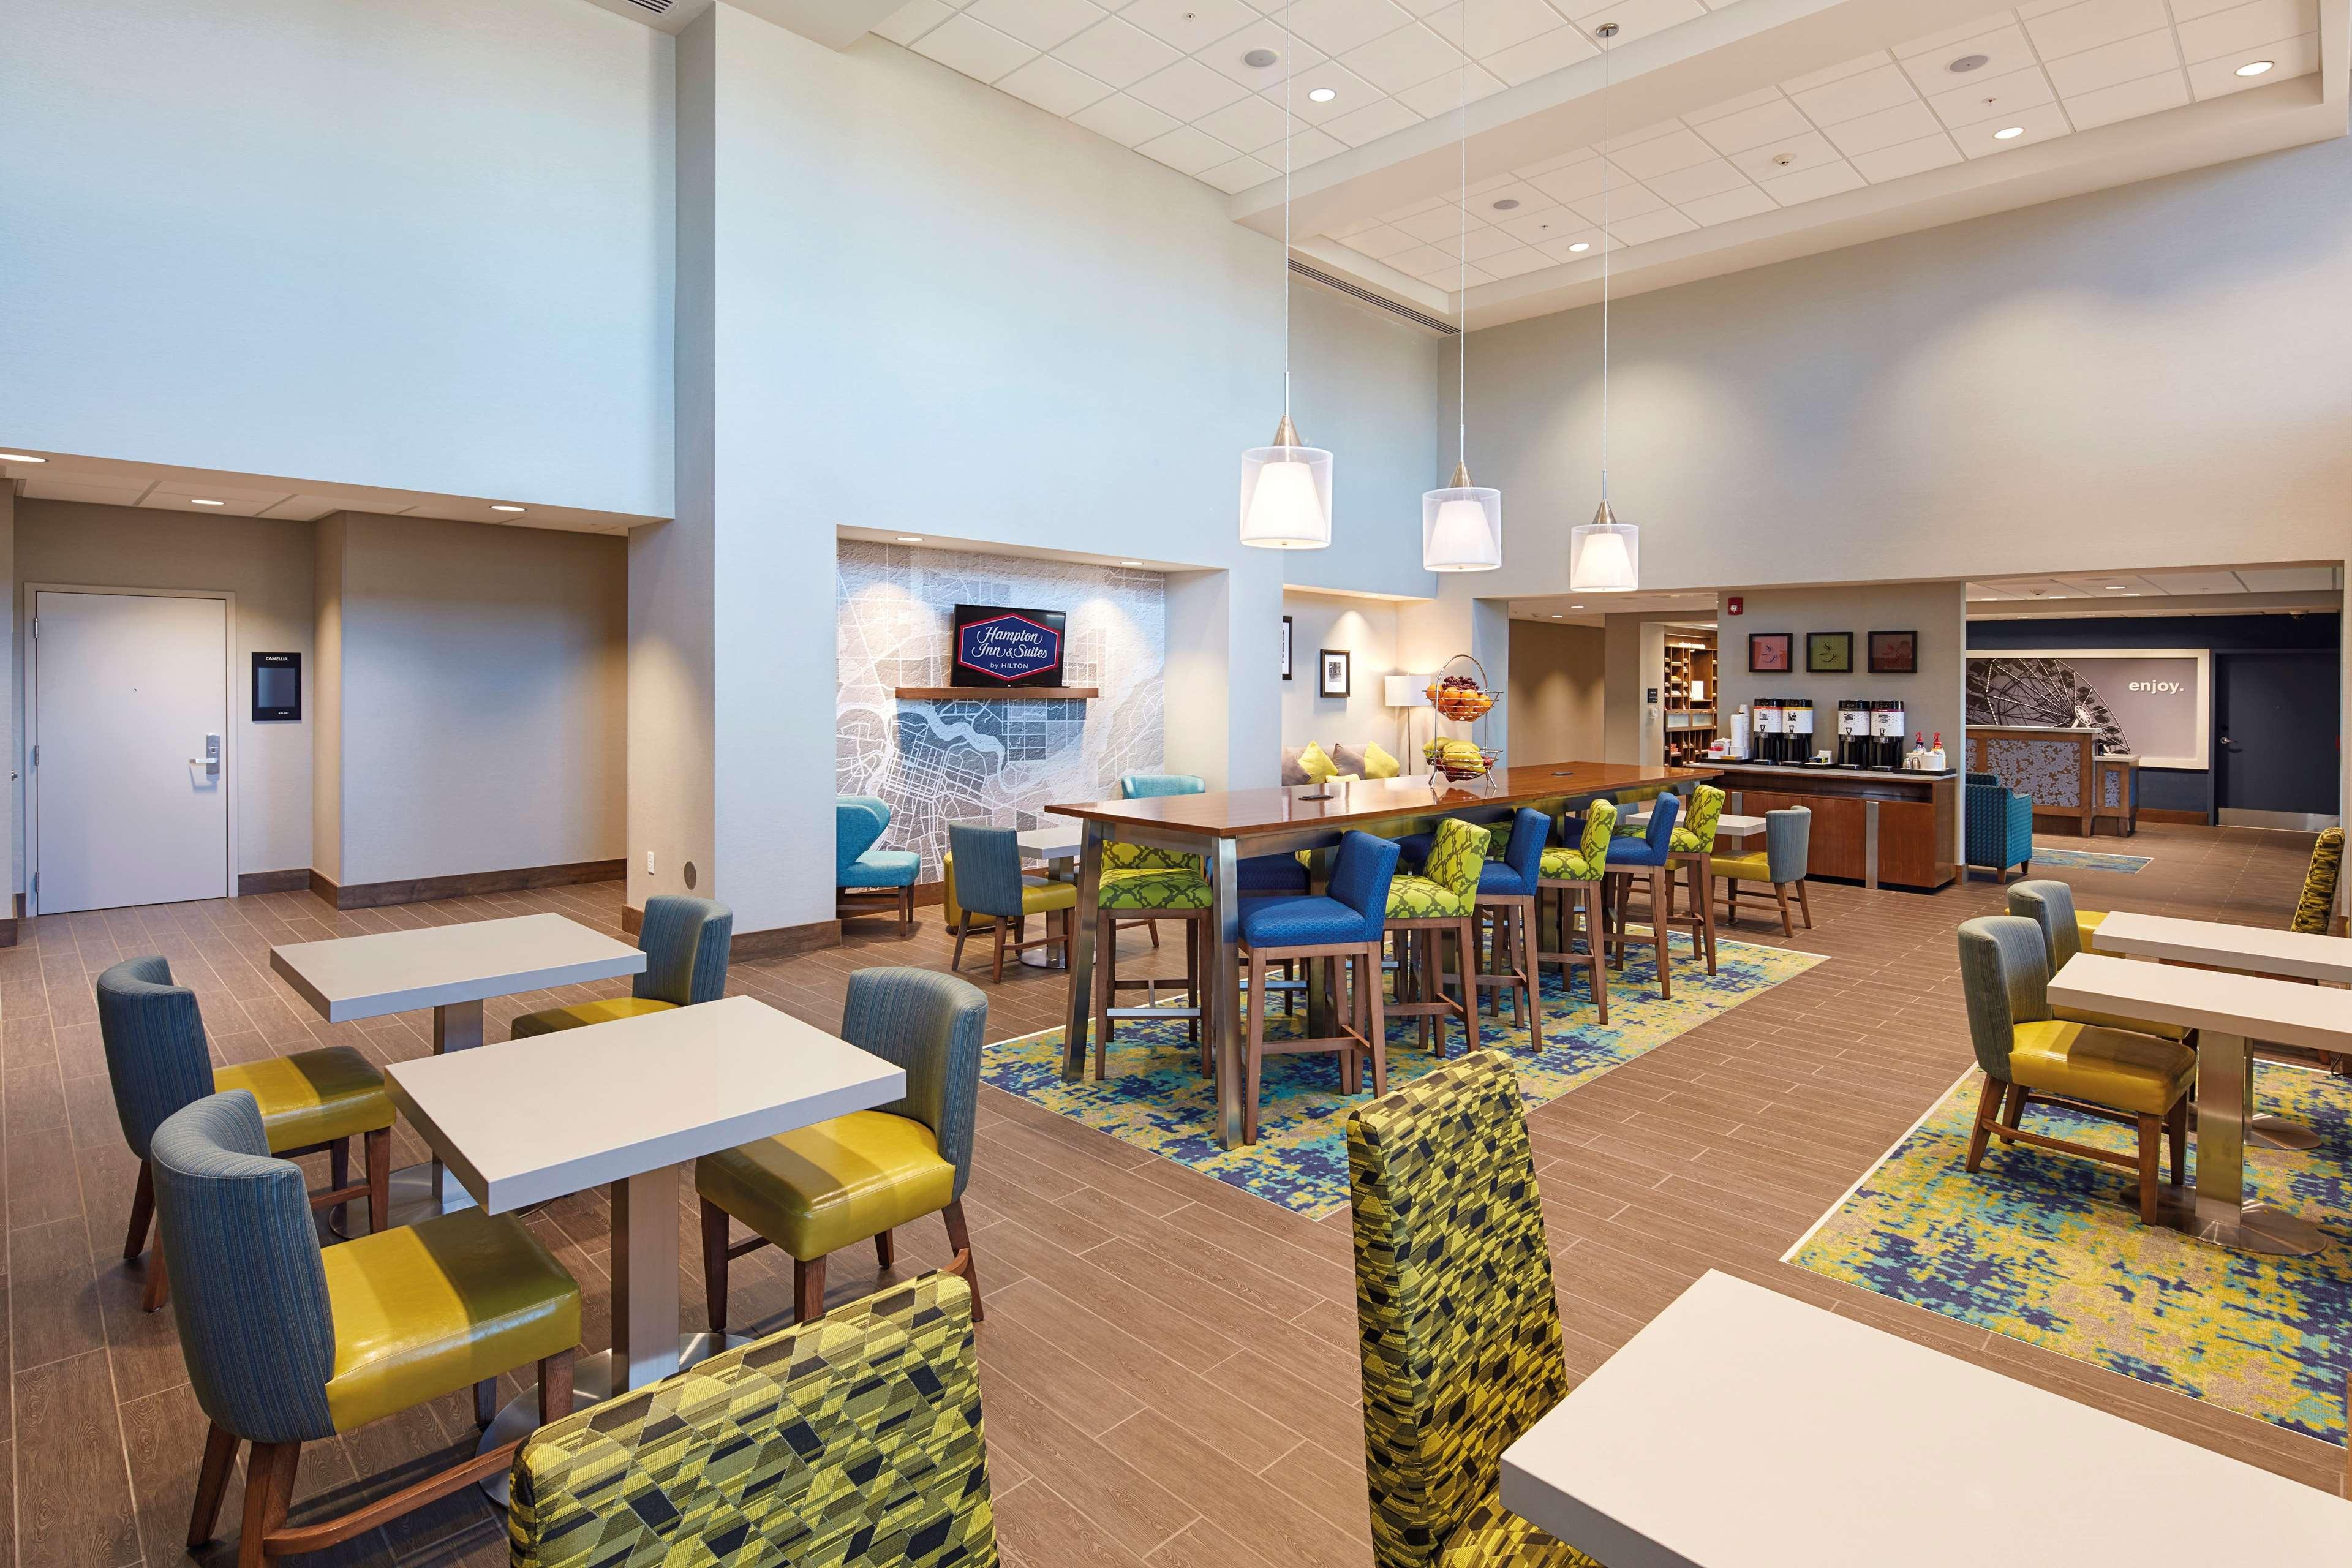 Hampton Inn & Suites Sacramento at CSUS image 5